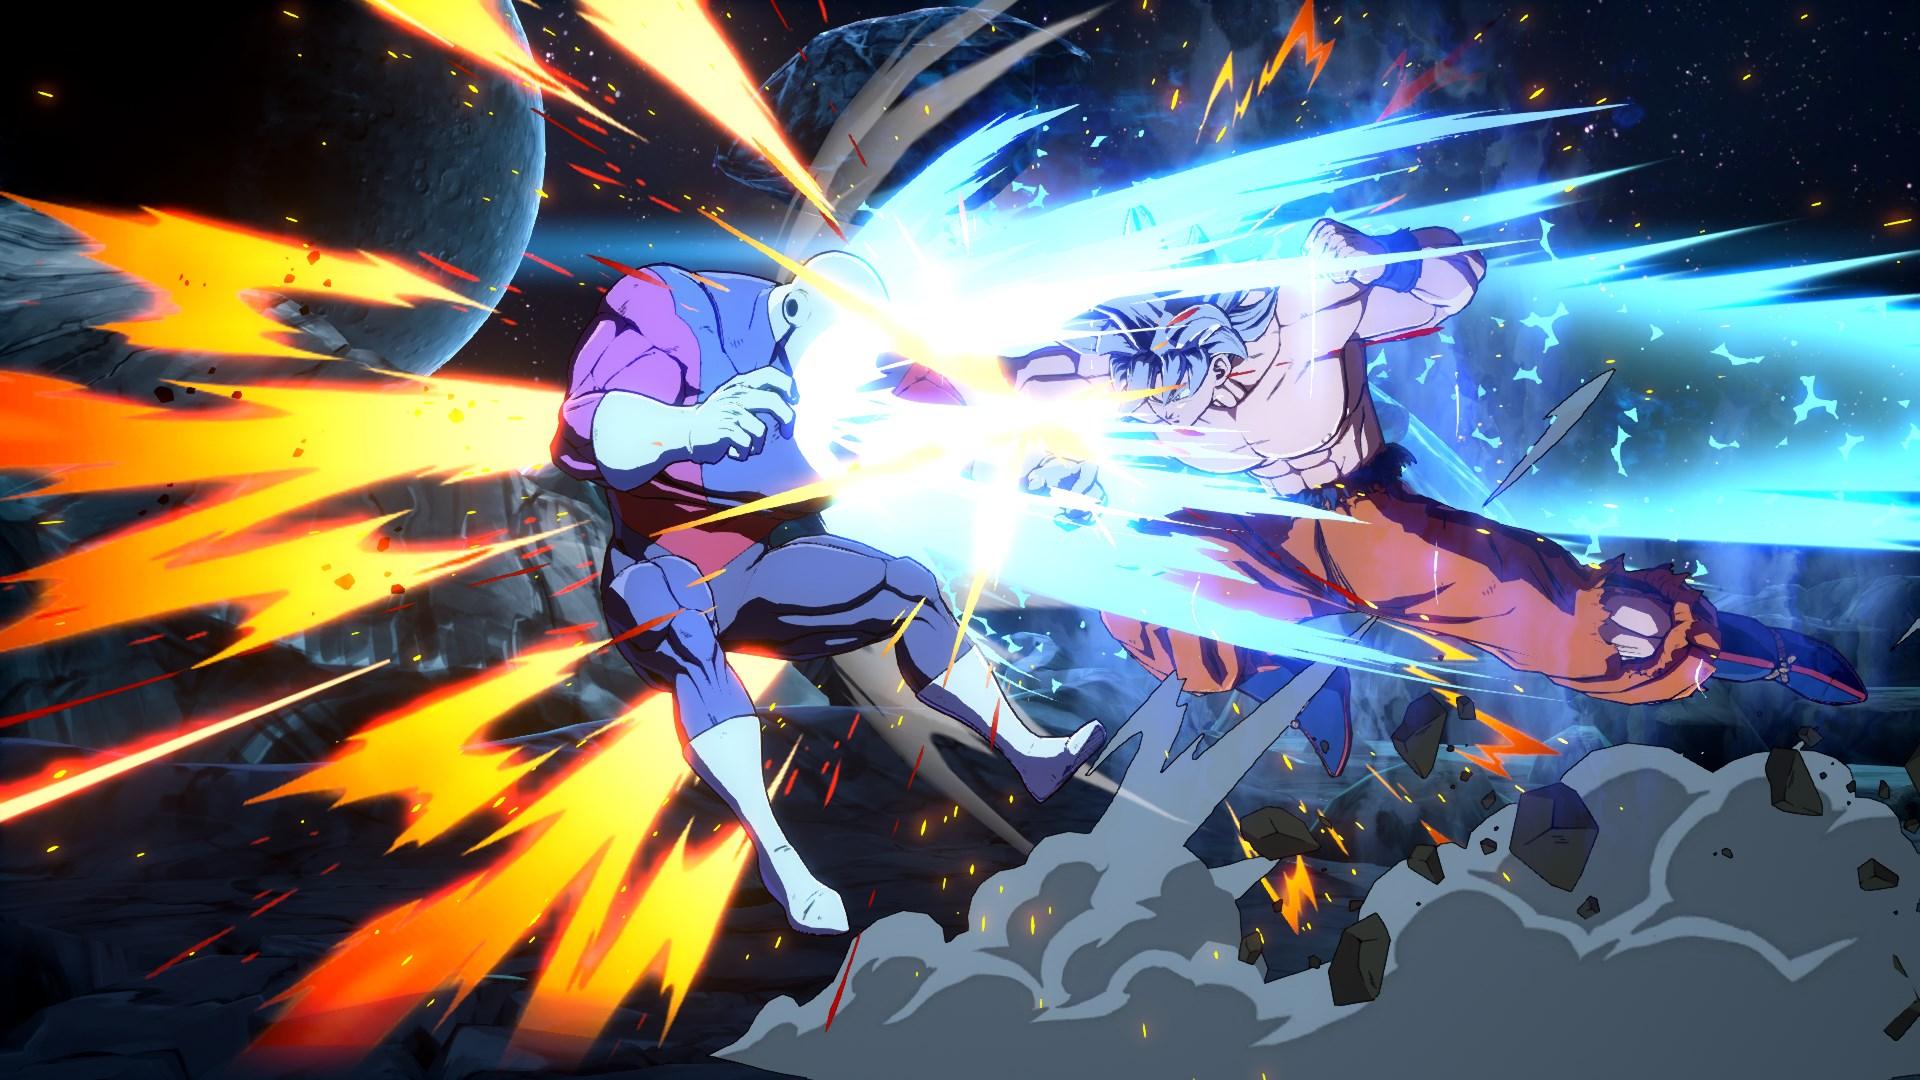 Dragon Ball FighterZ DLC Character Goku Ultra Instinct Screen 8